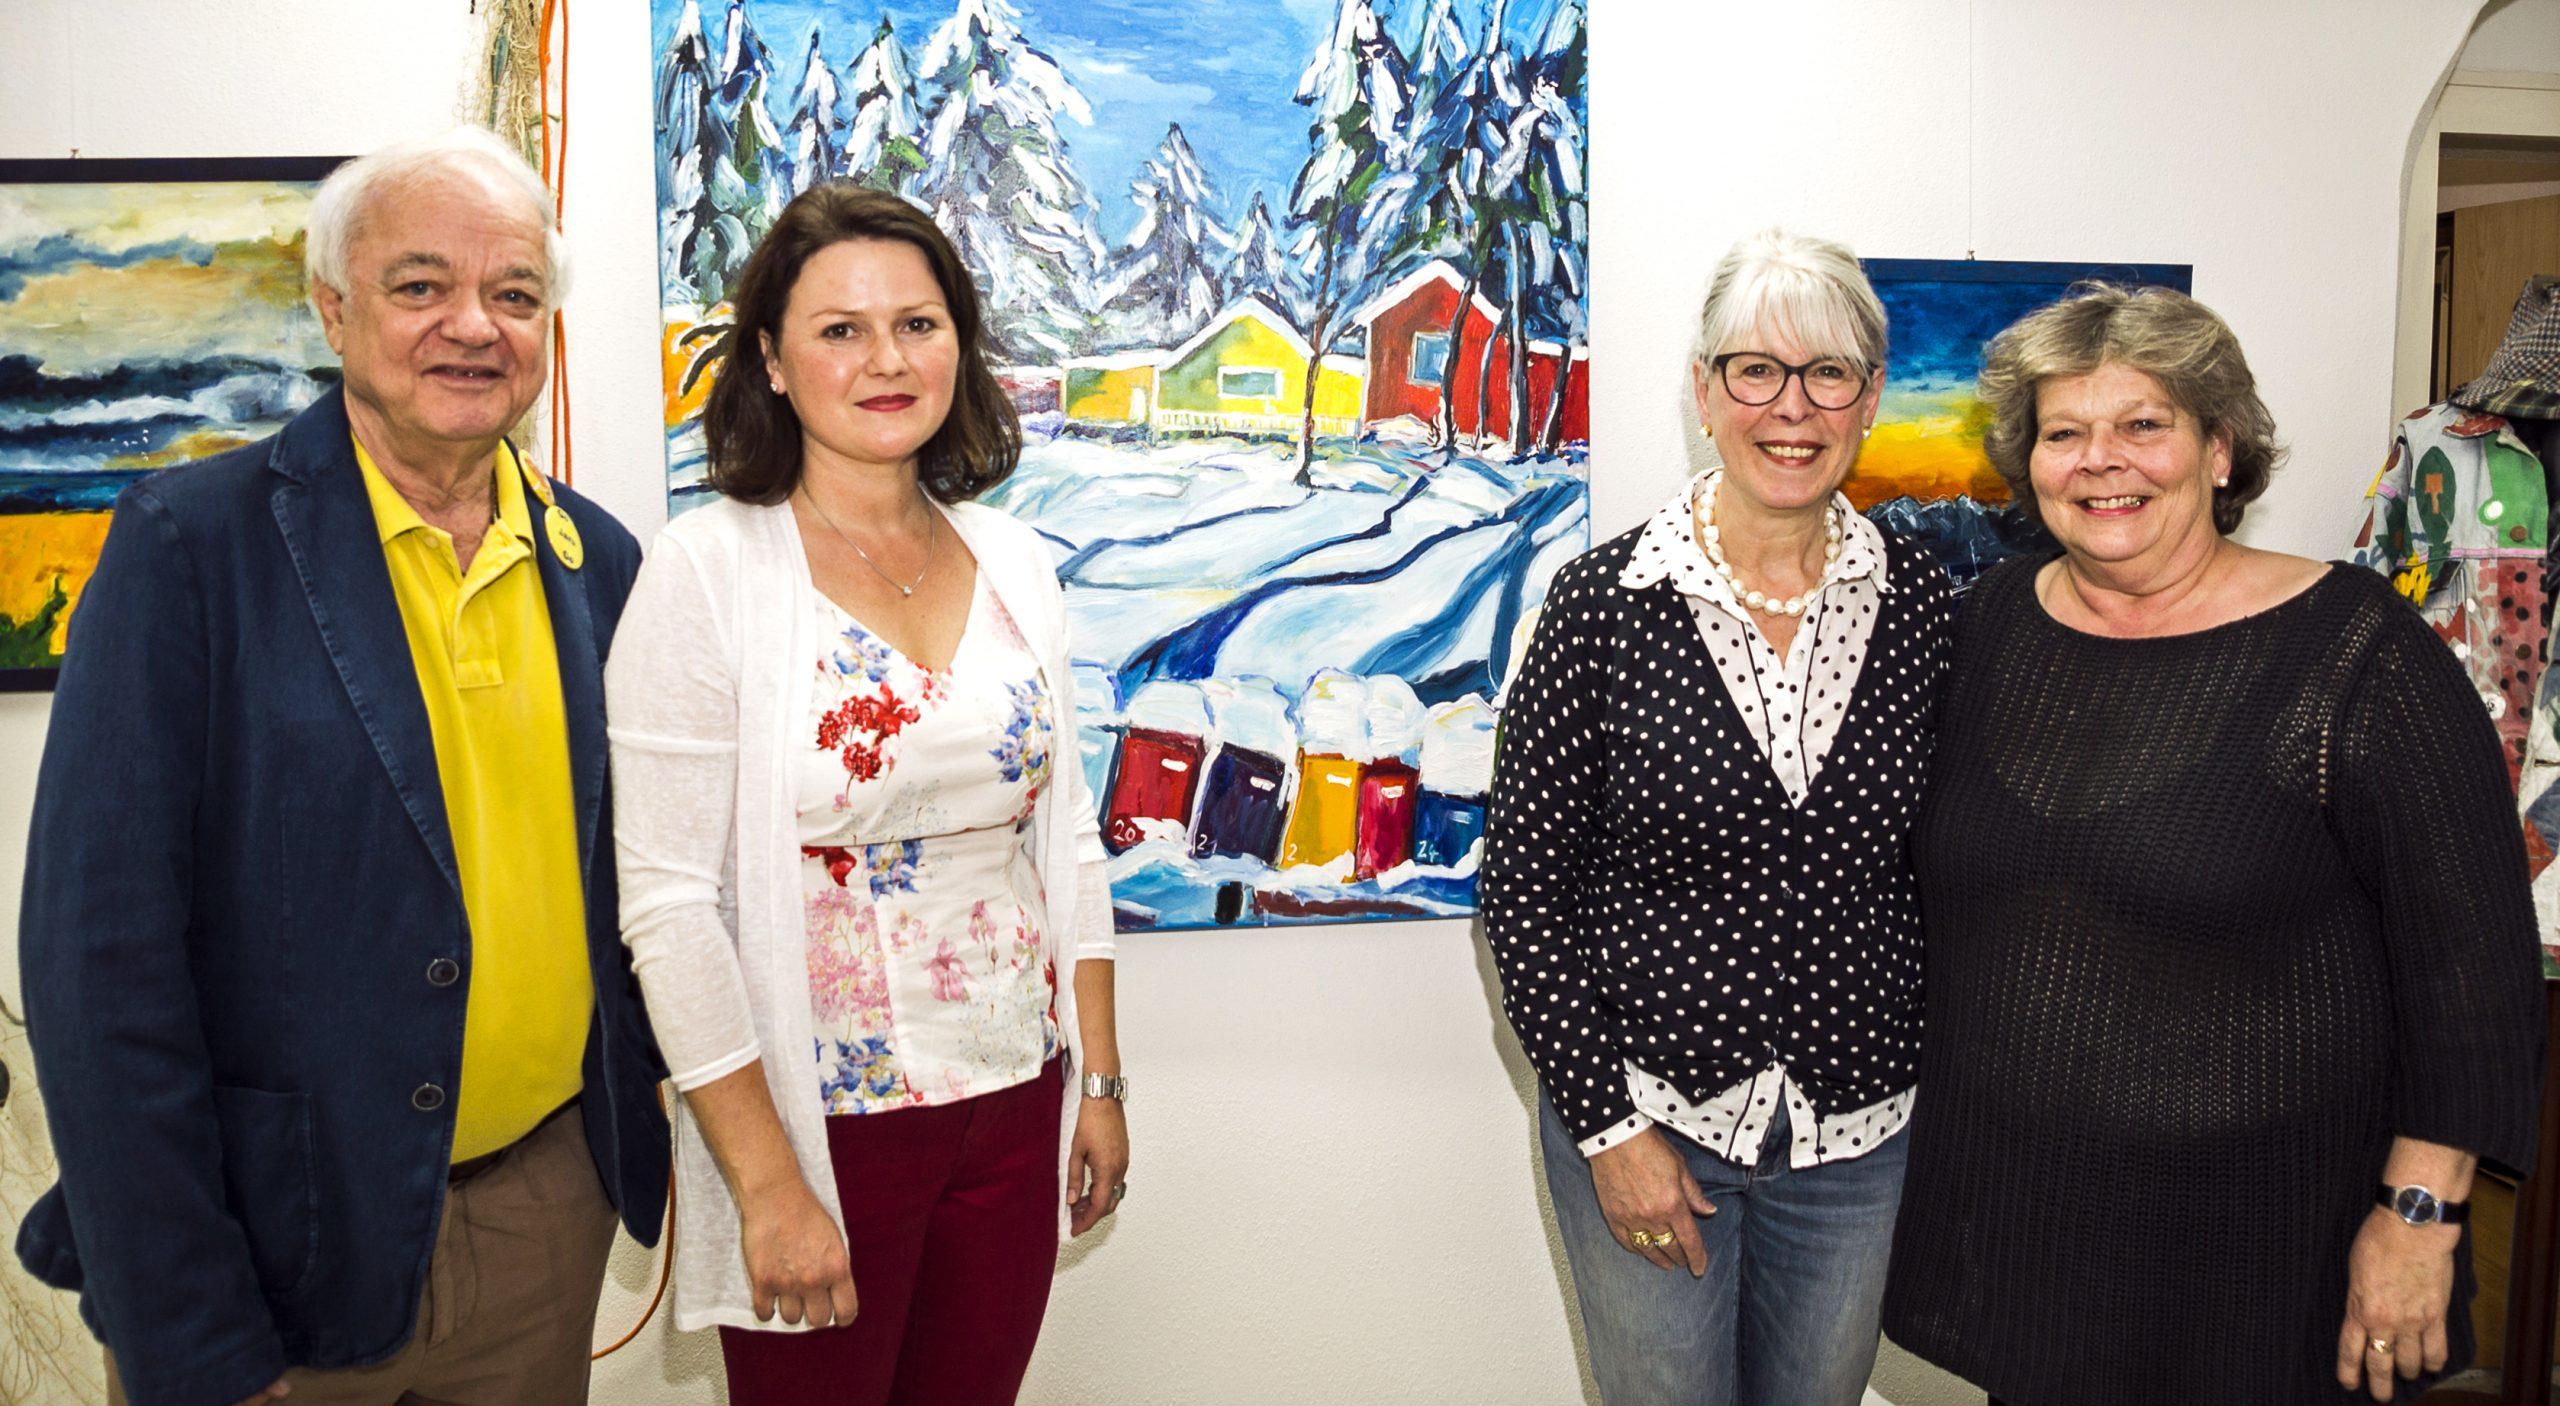 18. Mai 2018: Jaru in Skandinavien. Ausstellung in der KunstWerkStatt in Deggendorf mit 14 Bildern aus Skandinavien.